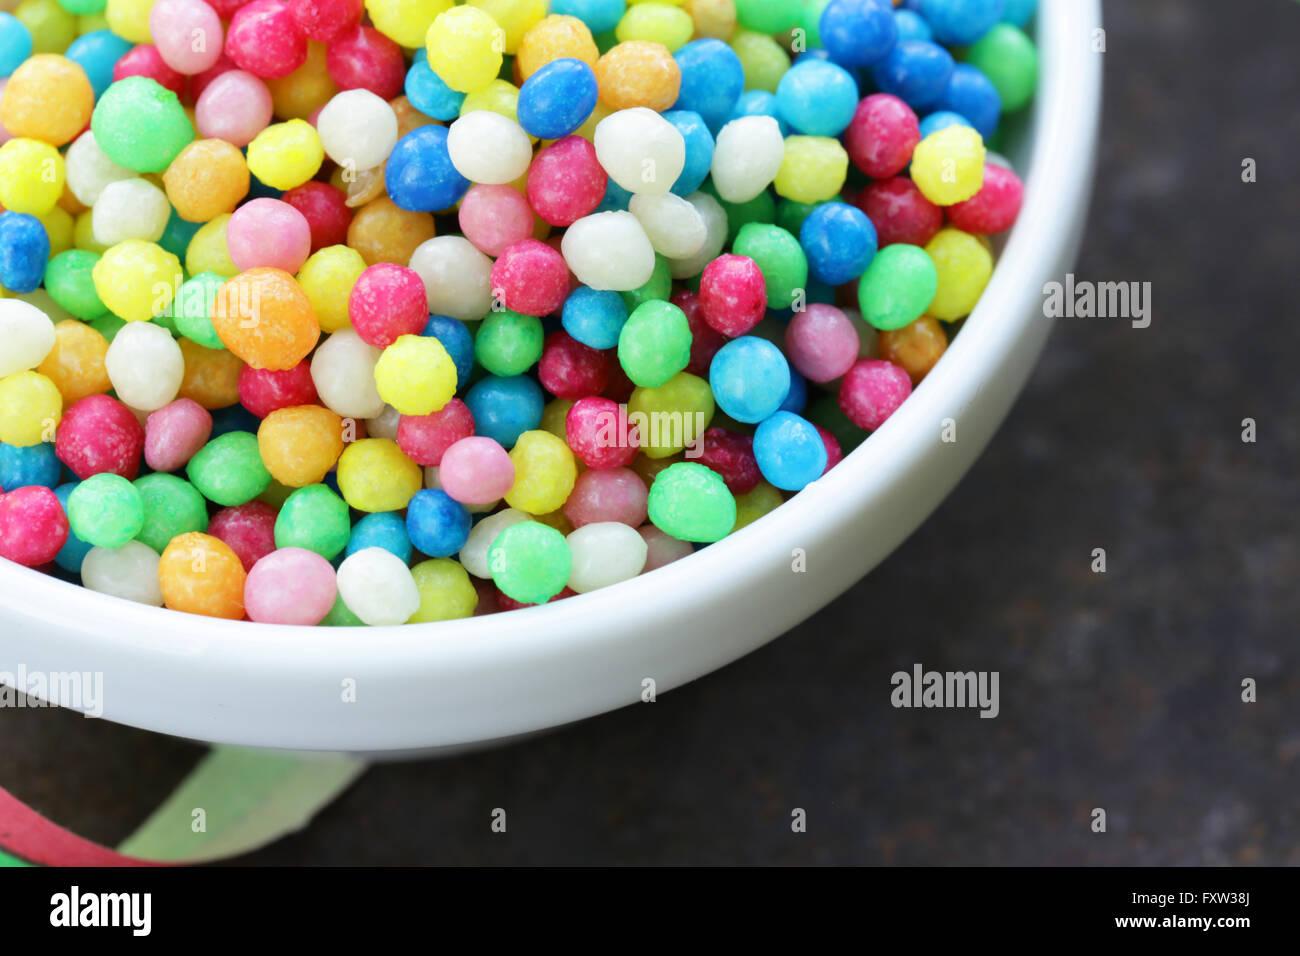 Multi-farbigen Früchten Gelee Bohnen lieben Süßigkeiten topping Stockbild